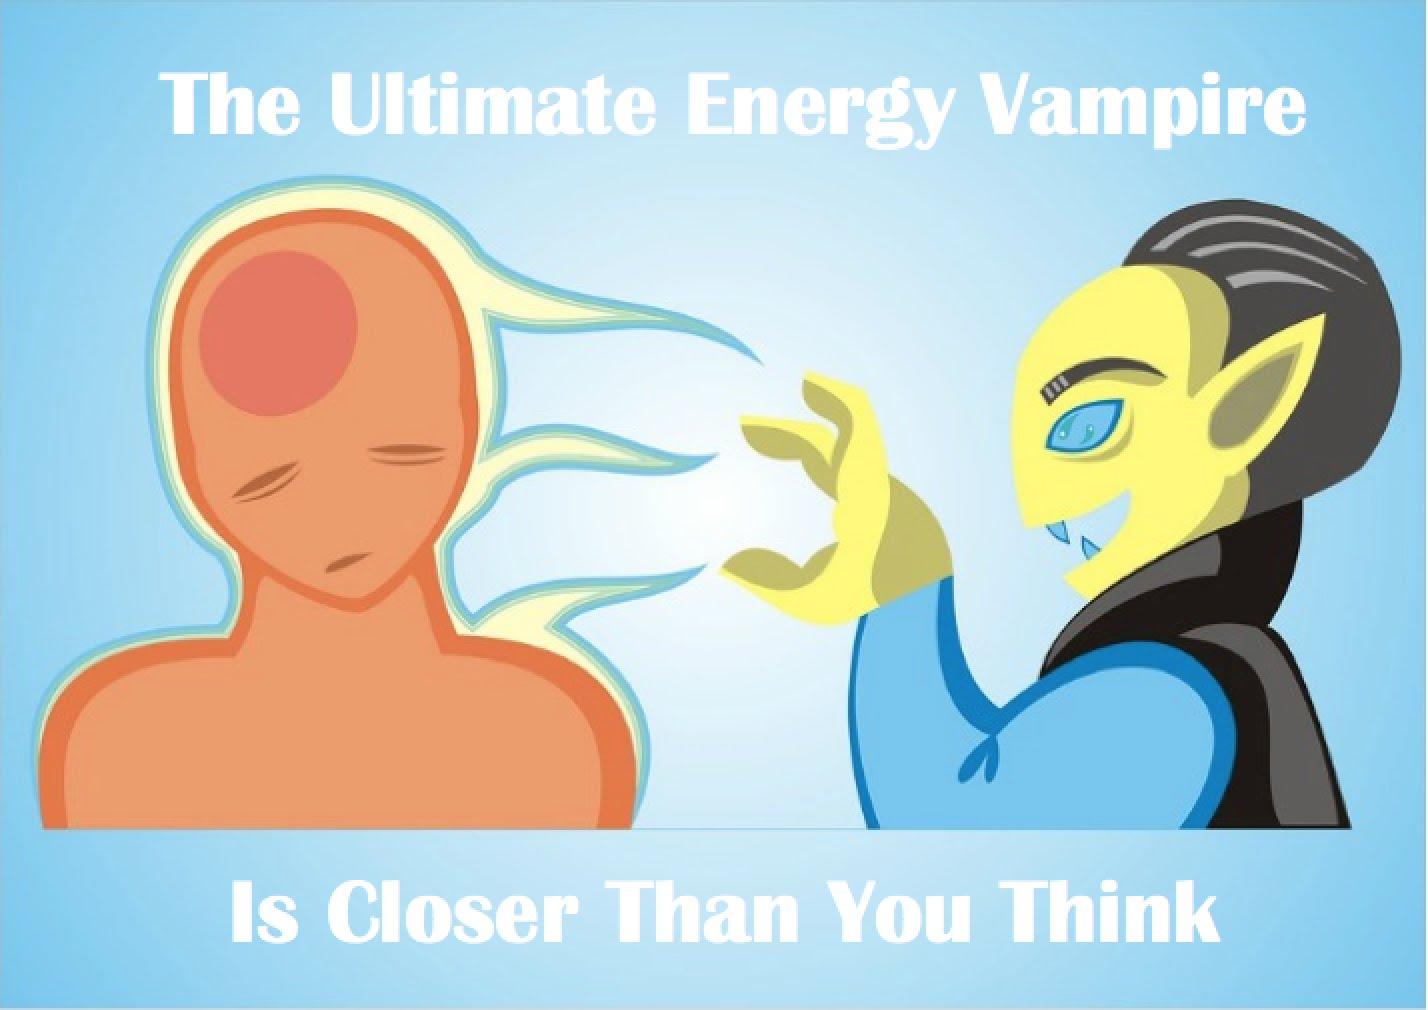 مواصفات مصاصي الطاقة